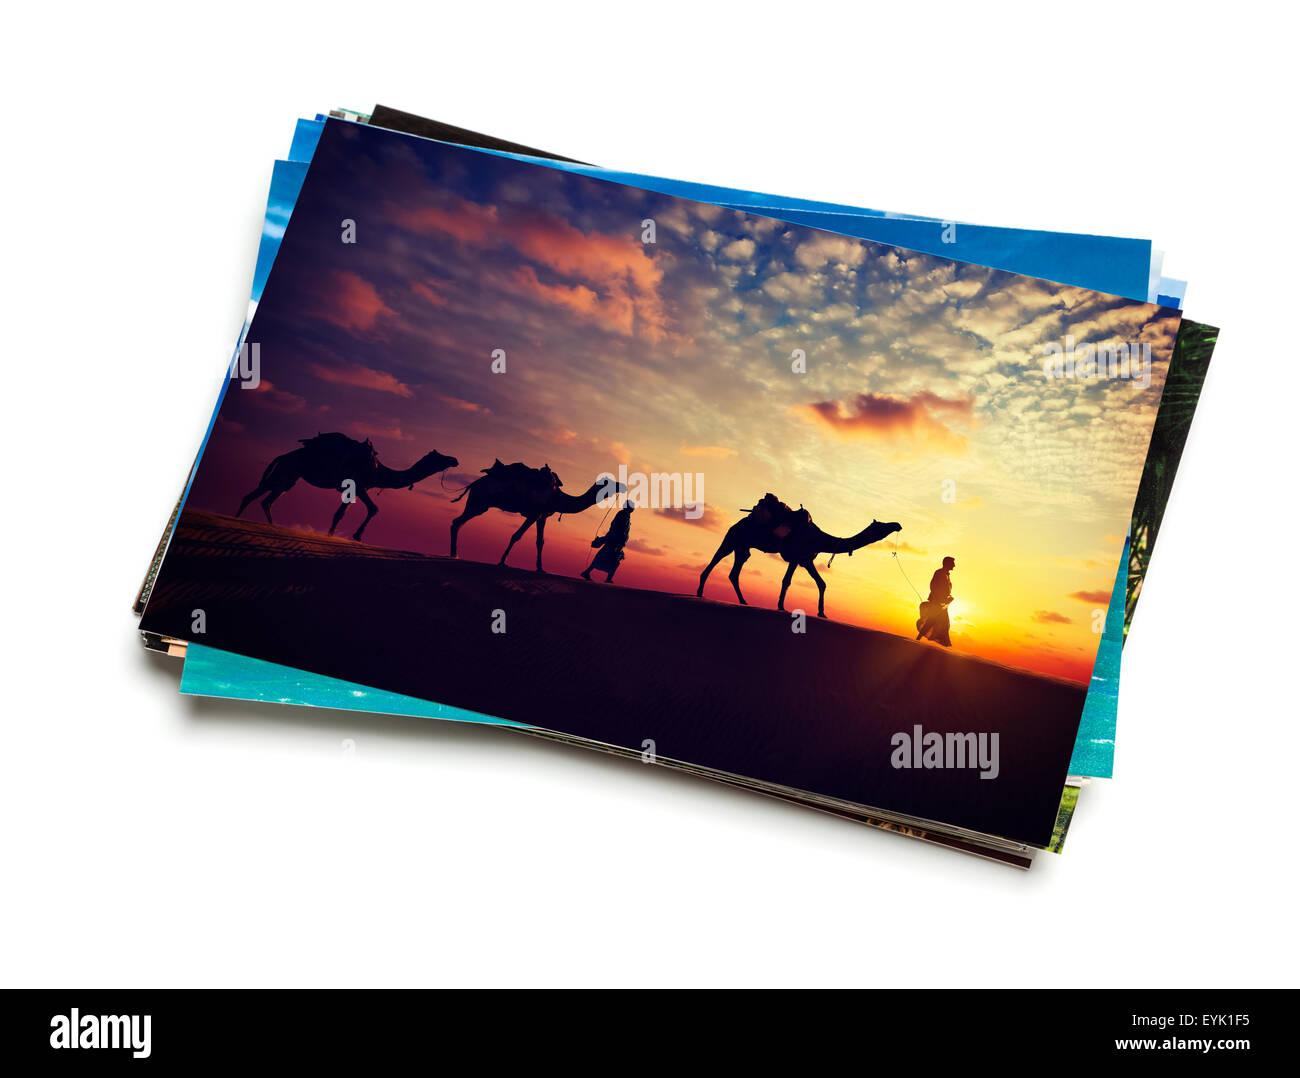 Urlaub Reisen Konzept kreativer Hintergrund - Stapel von Urlaubsfotos mit Kamel-Karawane Sonnenuntergang Bild oben Stockbild